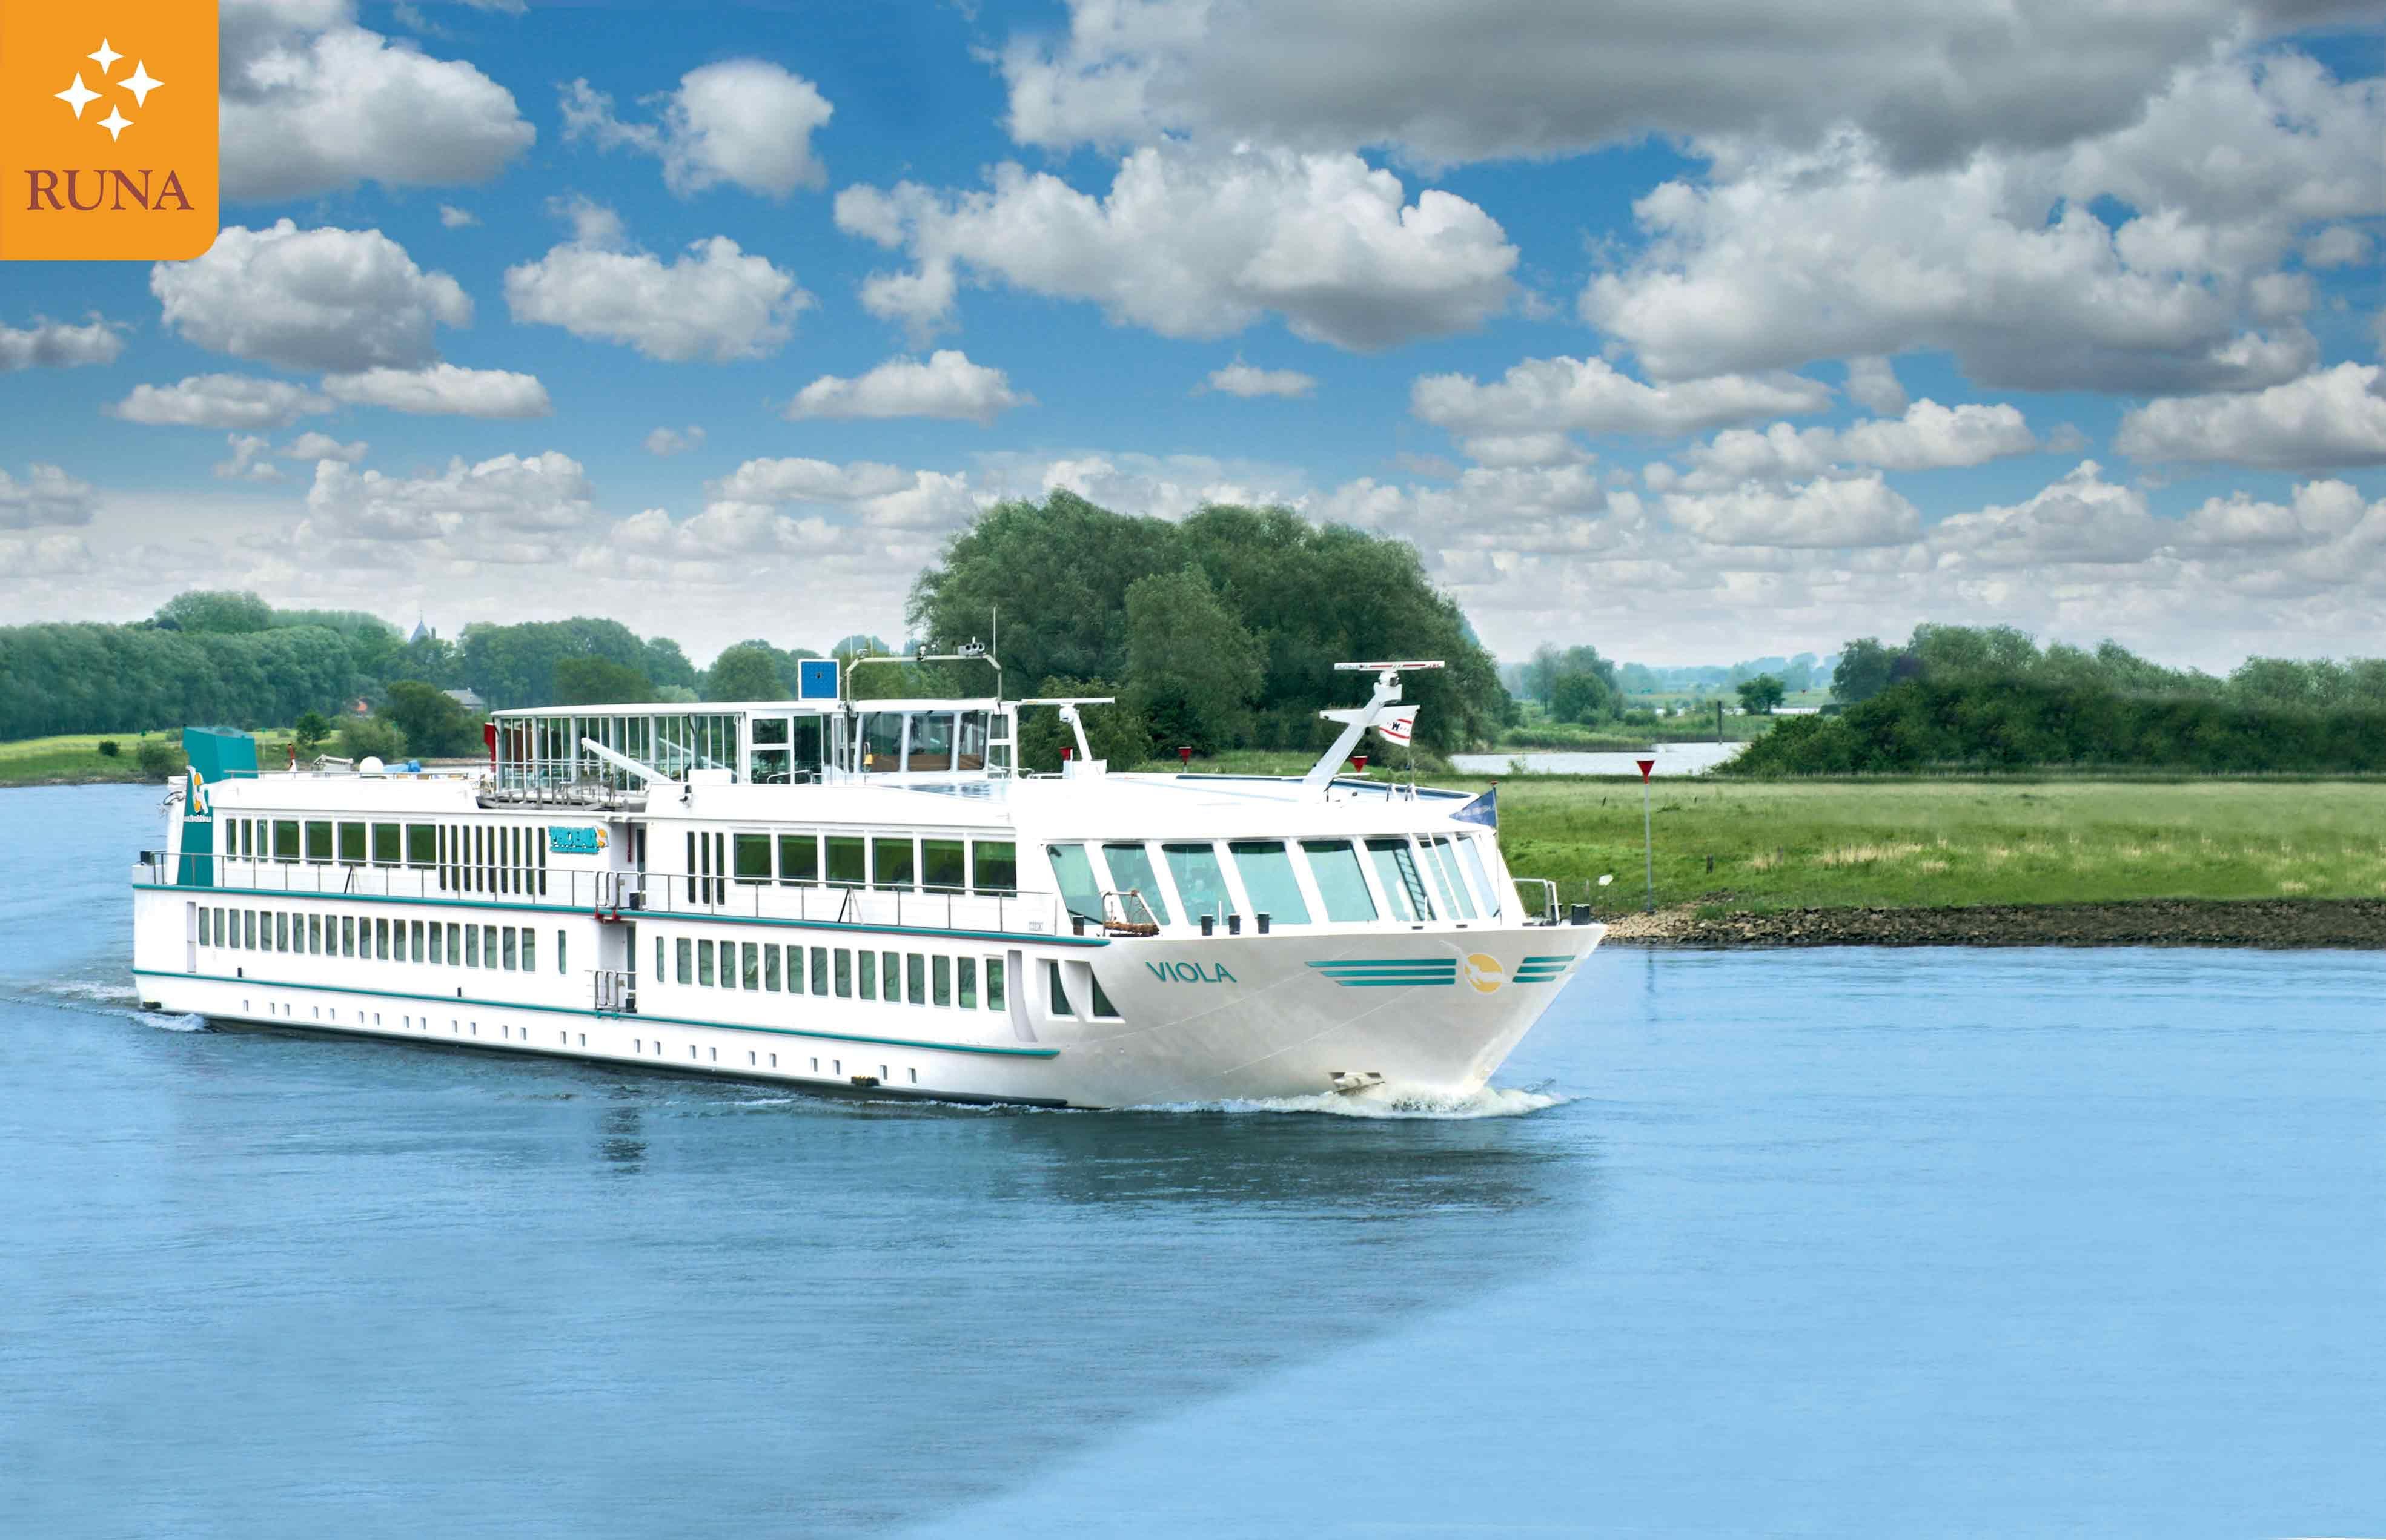 MS Viola - Flusskreuzfahrten mit RUNA REISEN auf dem Rhein